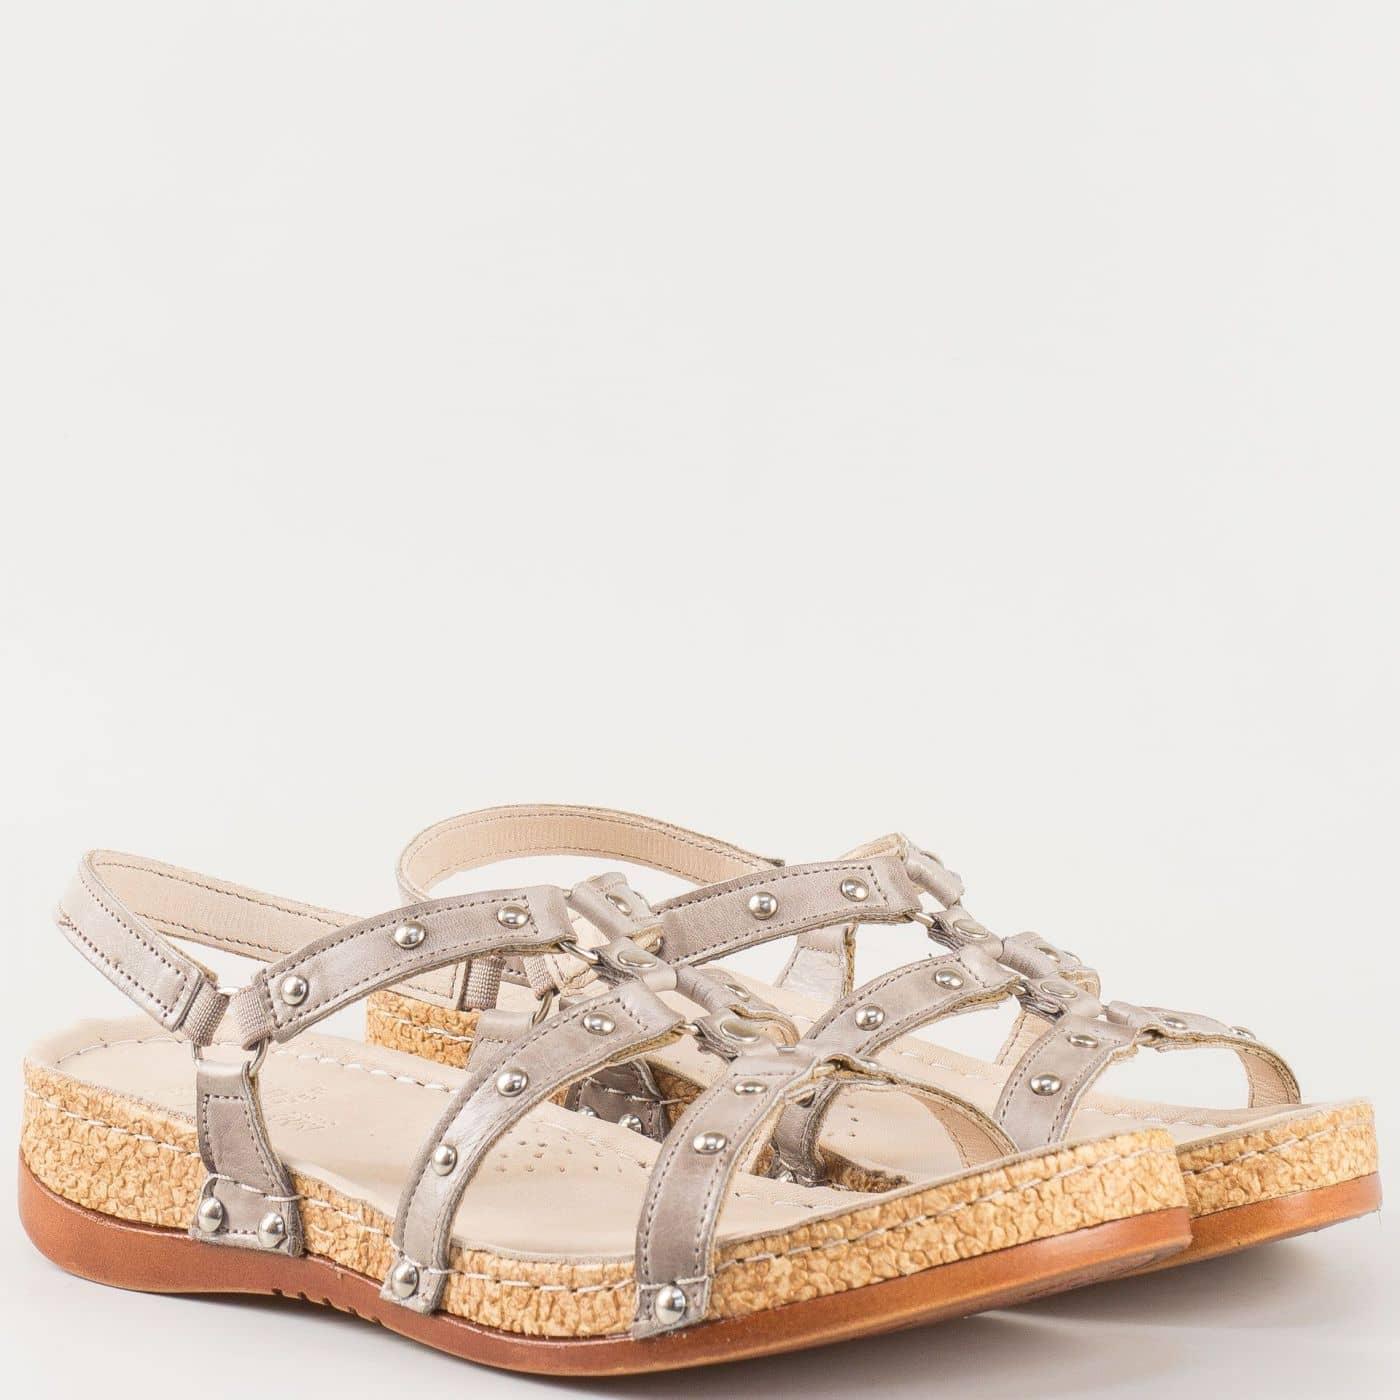 1d3f5fe16fe Дамски удобни сандали на комфортно ходило изработени от 100% естествена  кожа в сив цвят k213sv - Zebra 1992